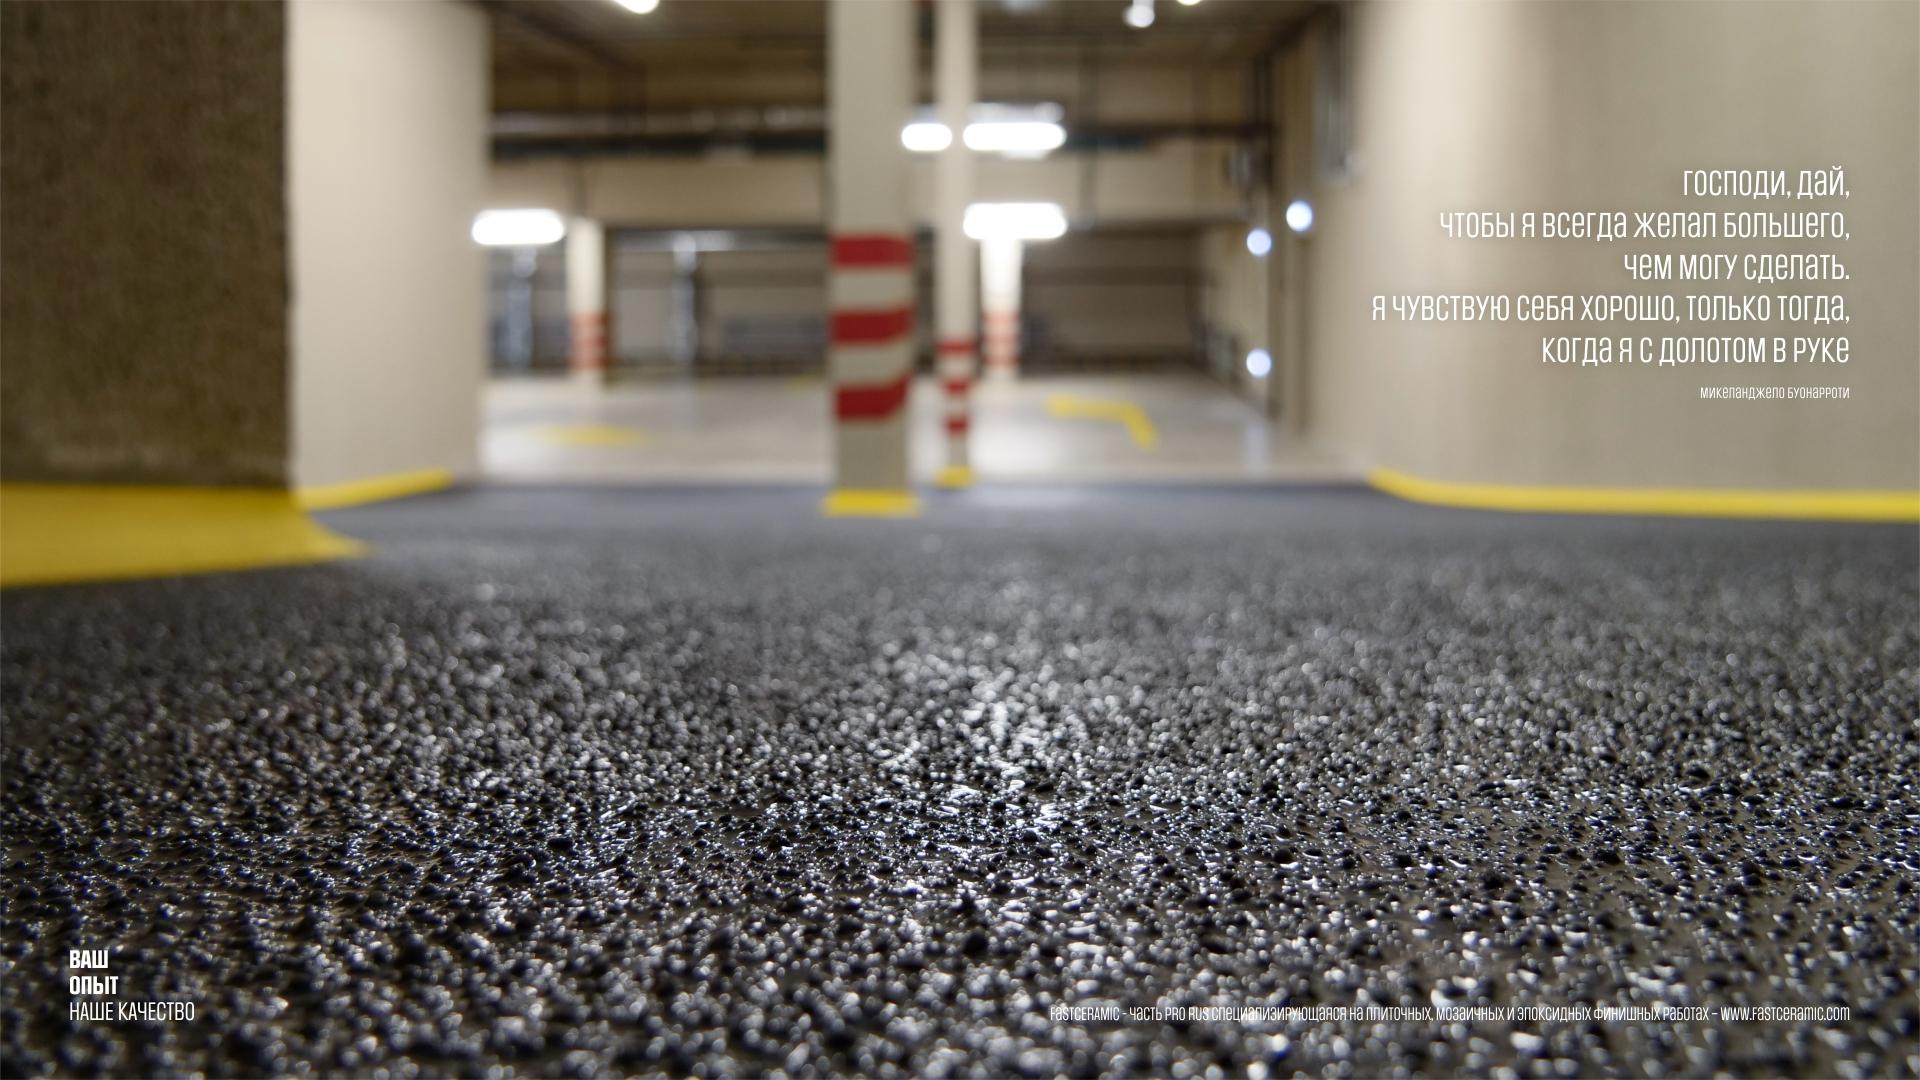 Виброукладка плитки, полимерные полы, парковки, стяжка пола, эпоксид, плитка, Ривер Парк 6